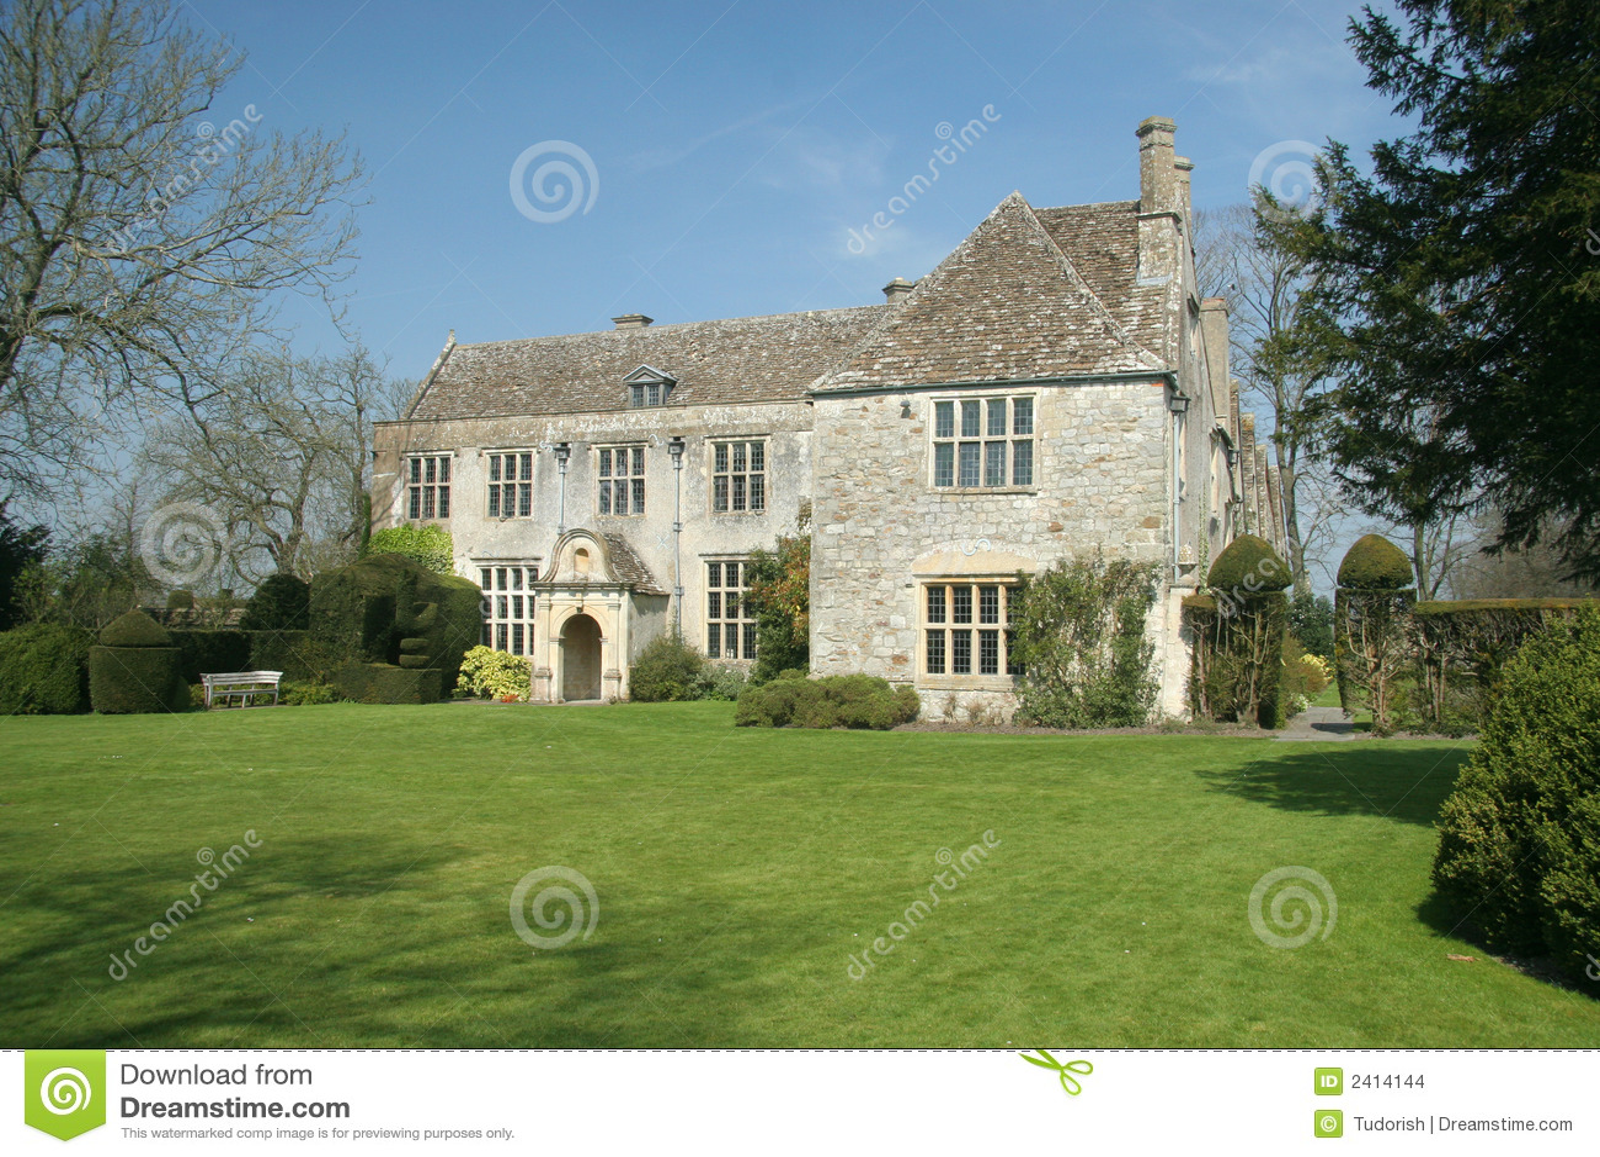 Casa de campo inglesa foto de archivo imagen de mansi n 2414144 - Imagenes de casas inglesas ...